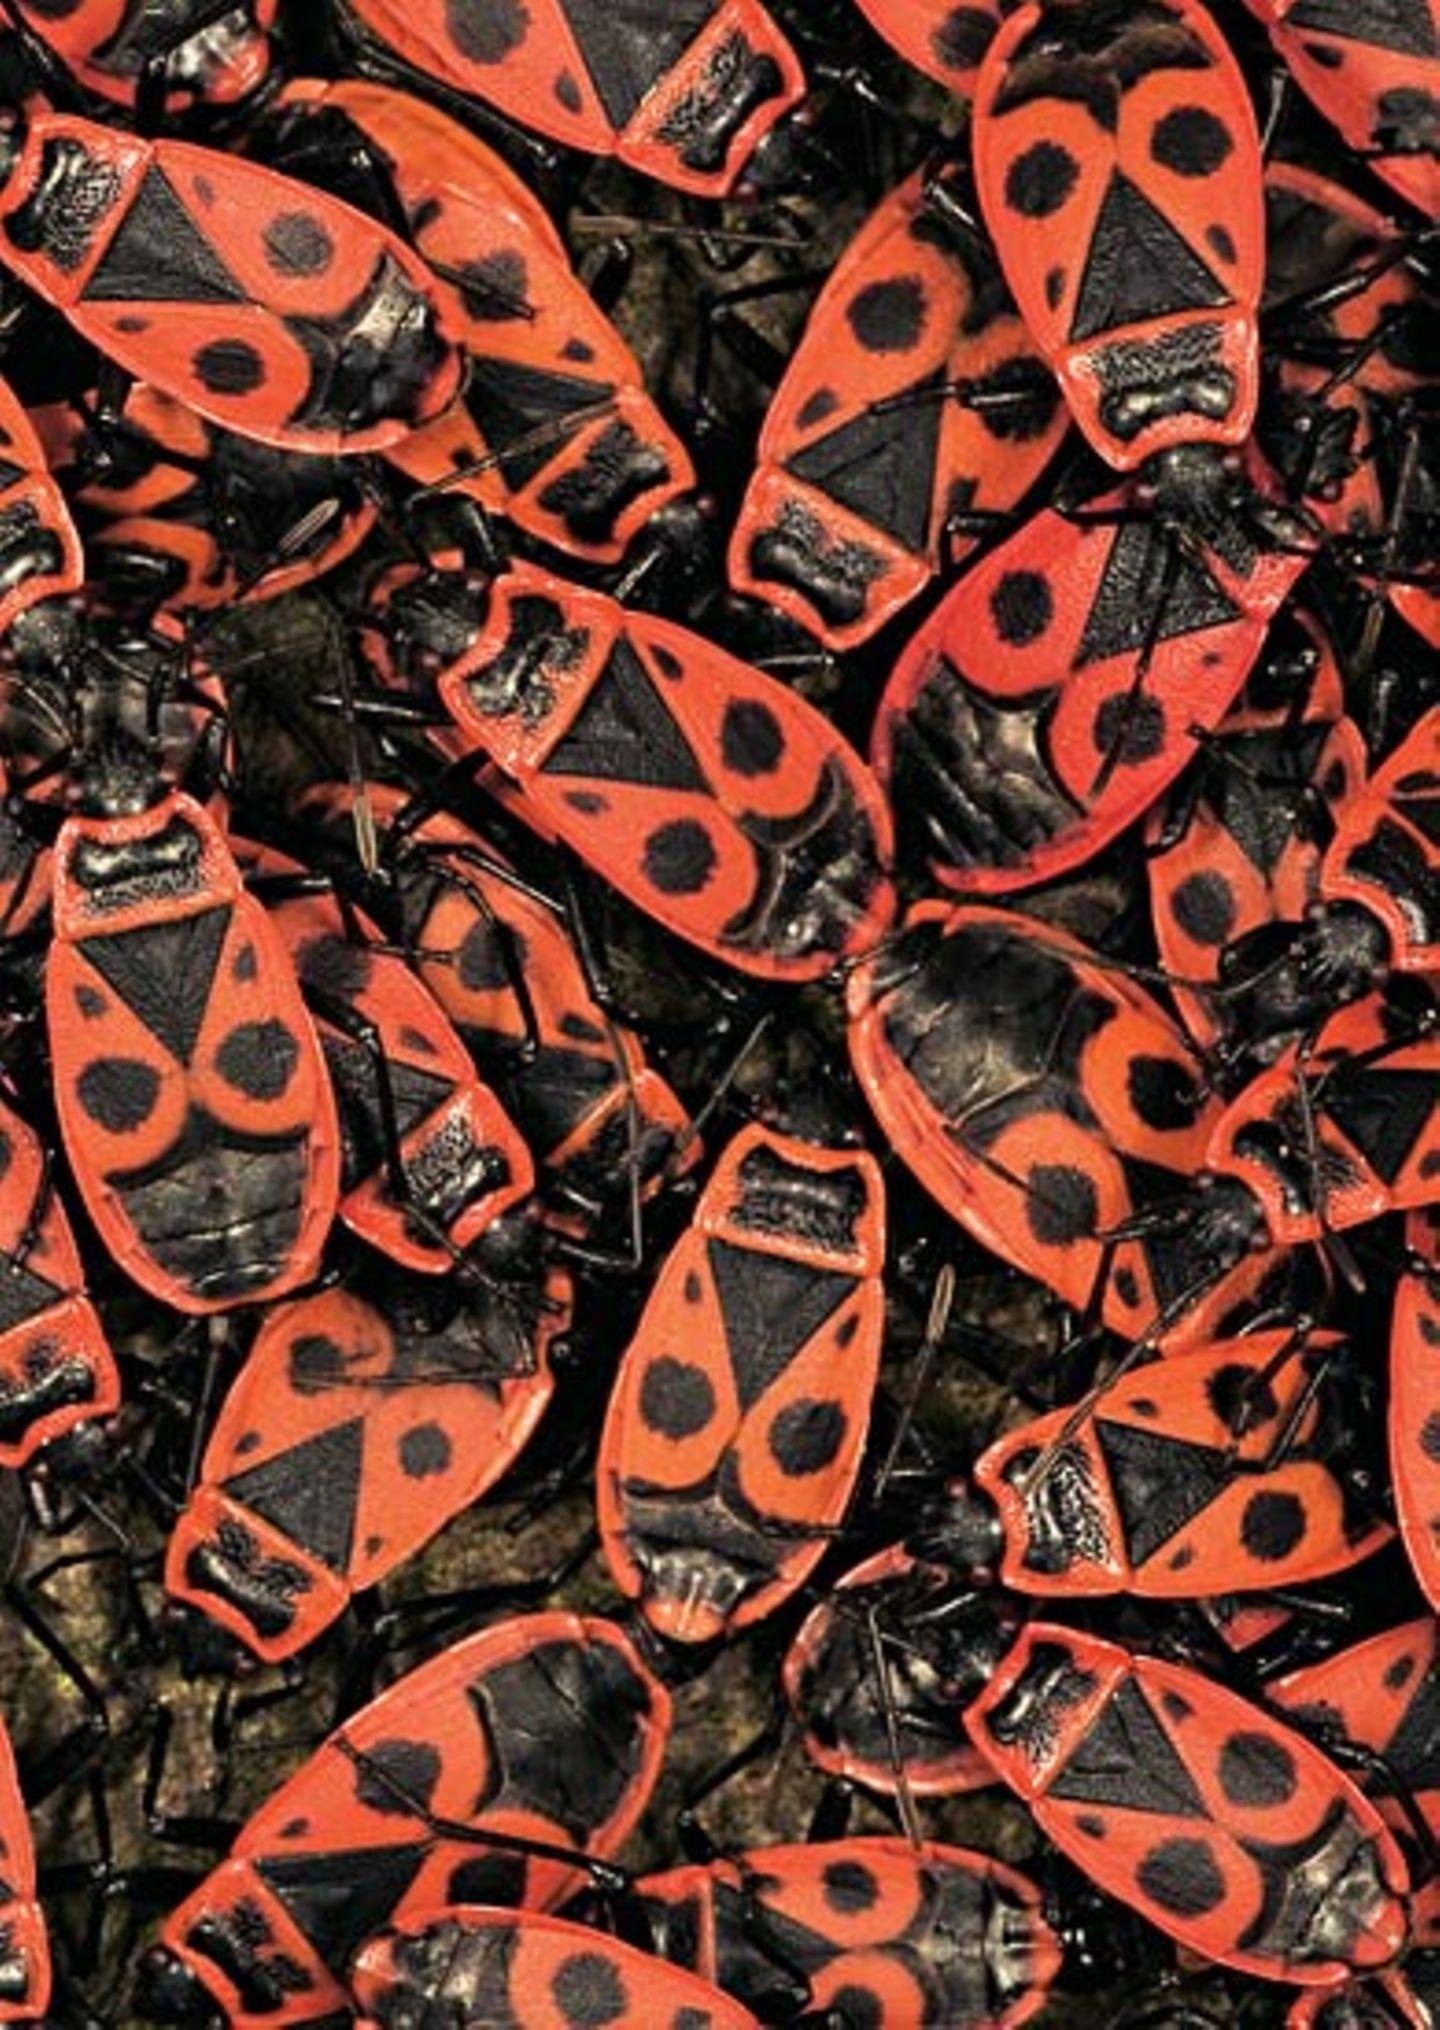 Heteroptera: Sie mögen's gern gesellig: Die schwarz-rot gefärbten Feuerwanzen drängen sich oft in dichten Haufen zusammen, um die Wirkung ihrer Signalfarbe zu verstärken